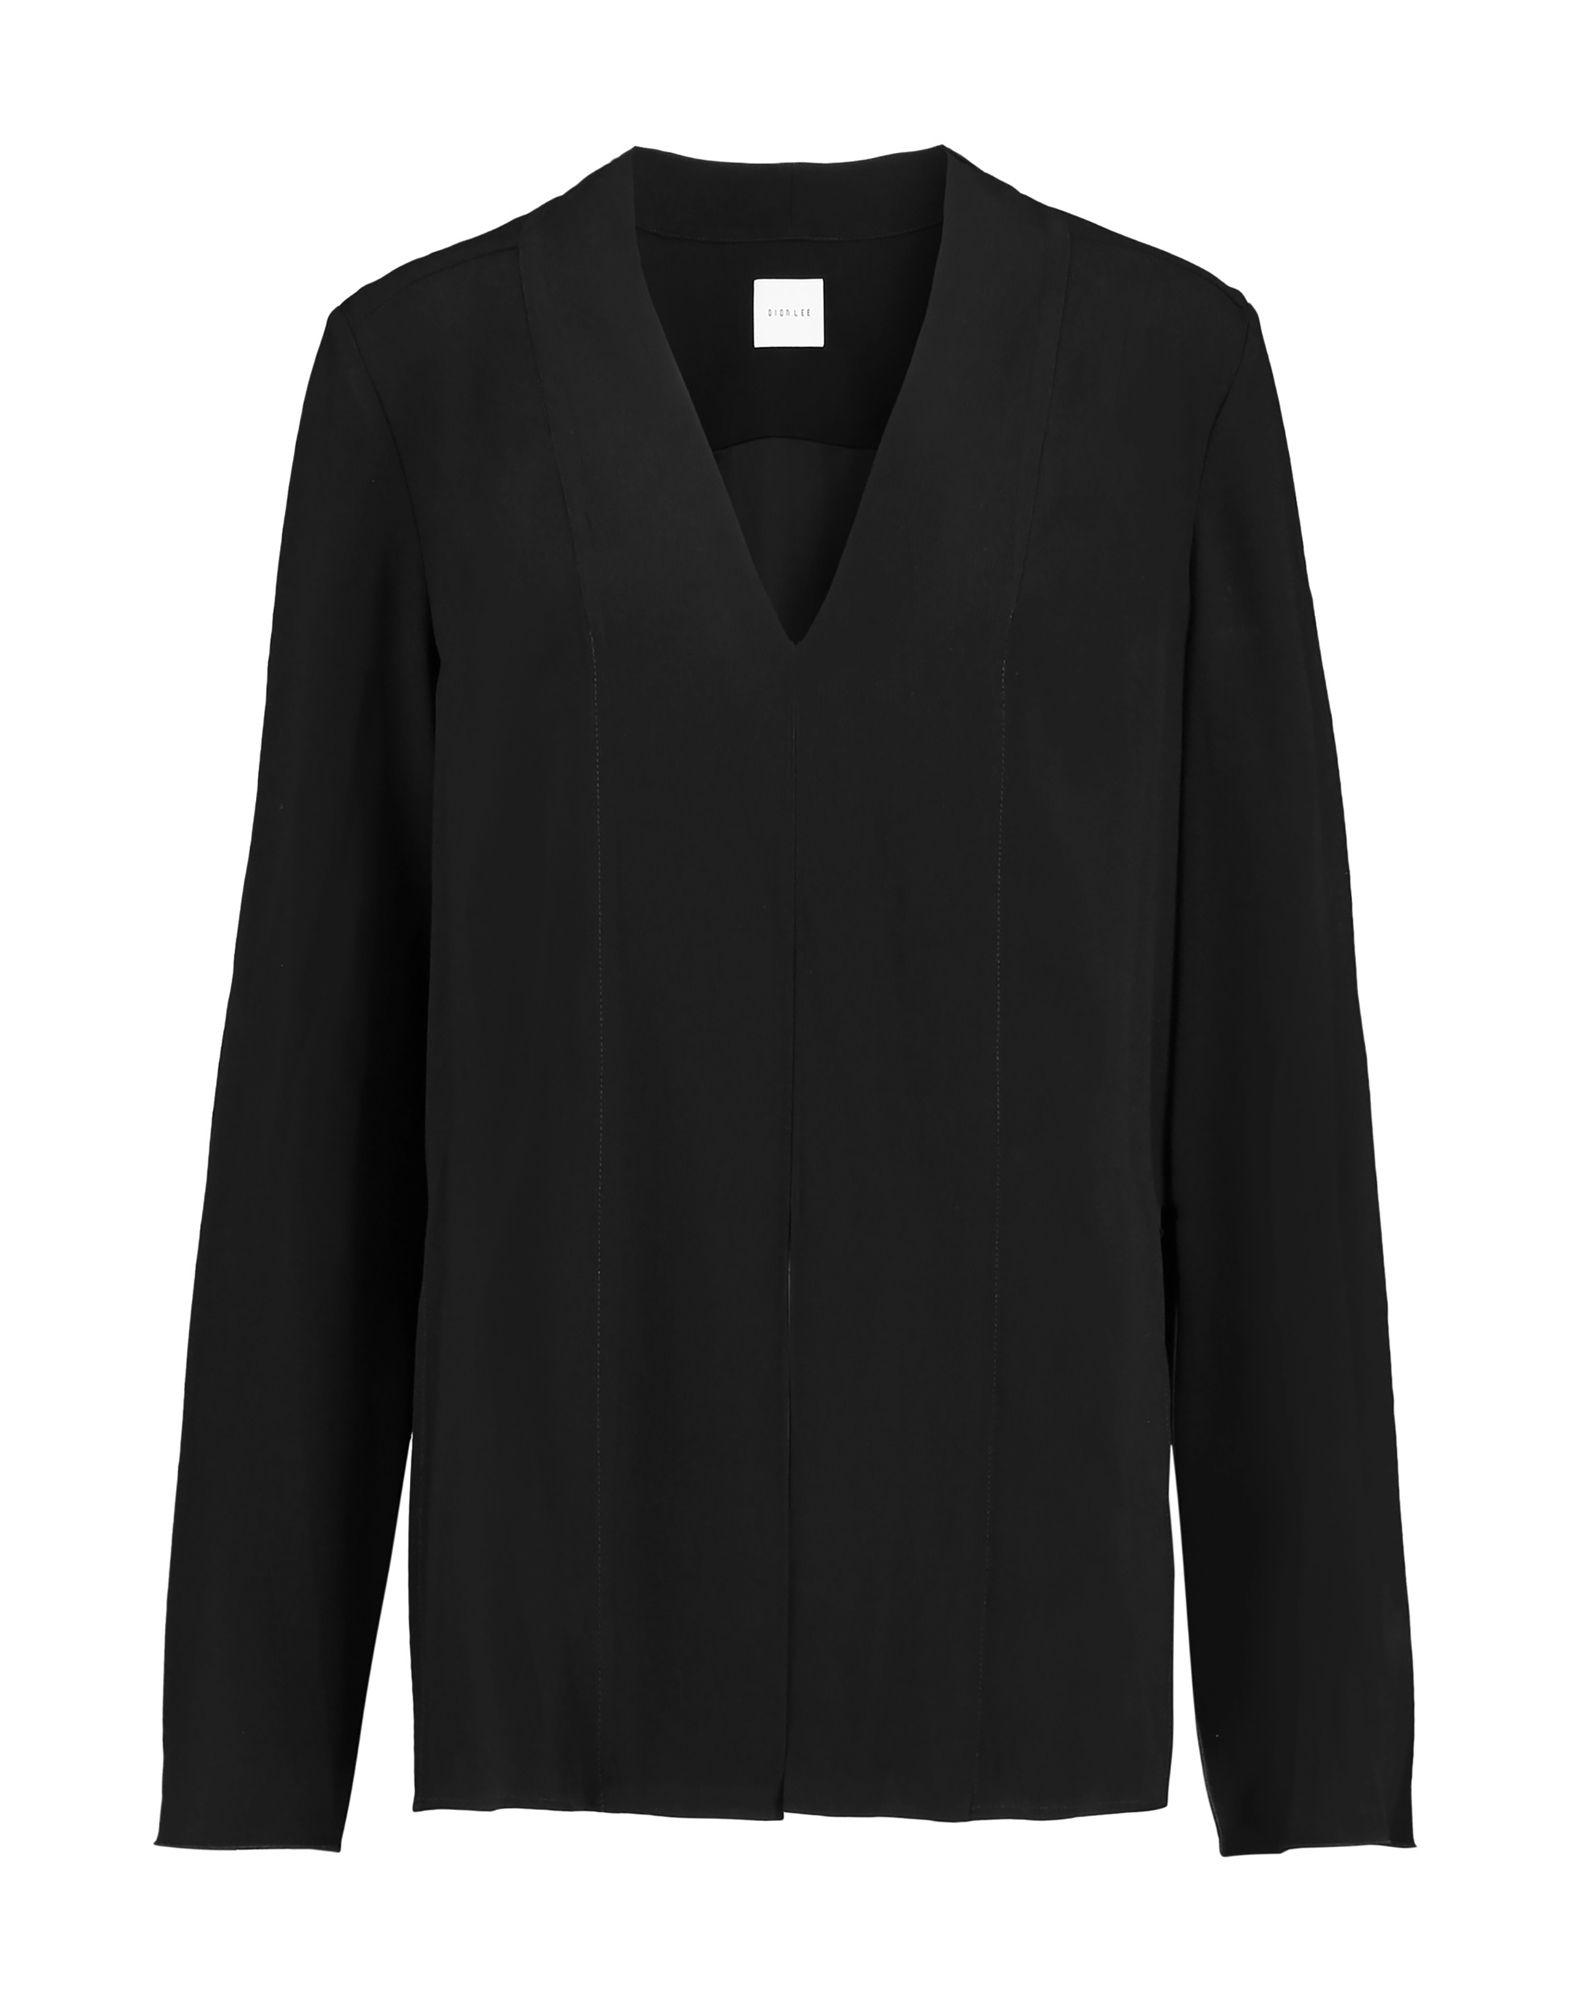 DION LEE Блузка блузка lee l13953n65r31 2015 790